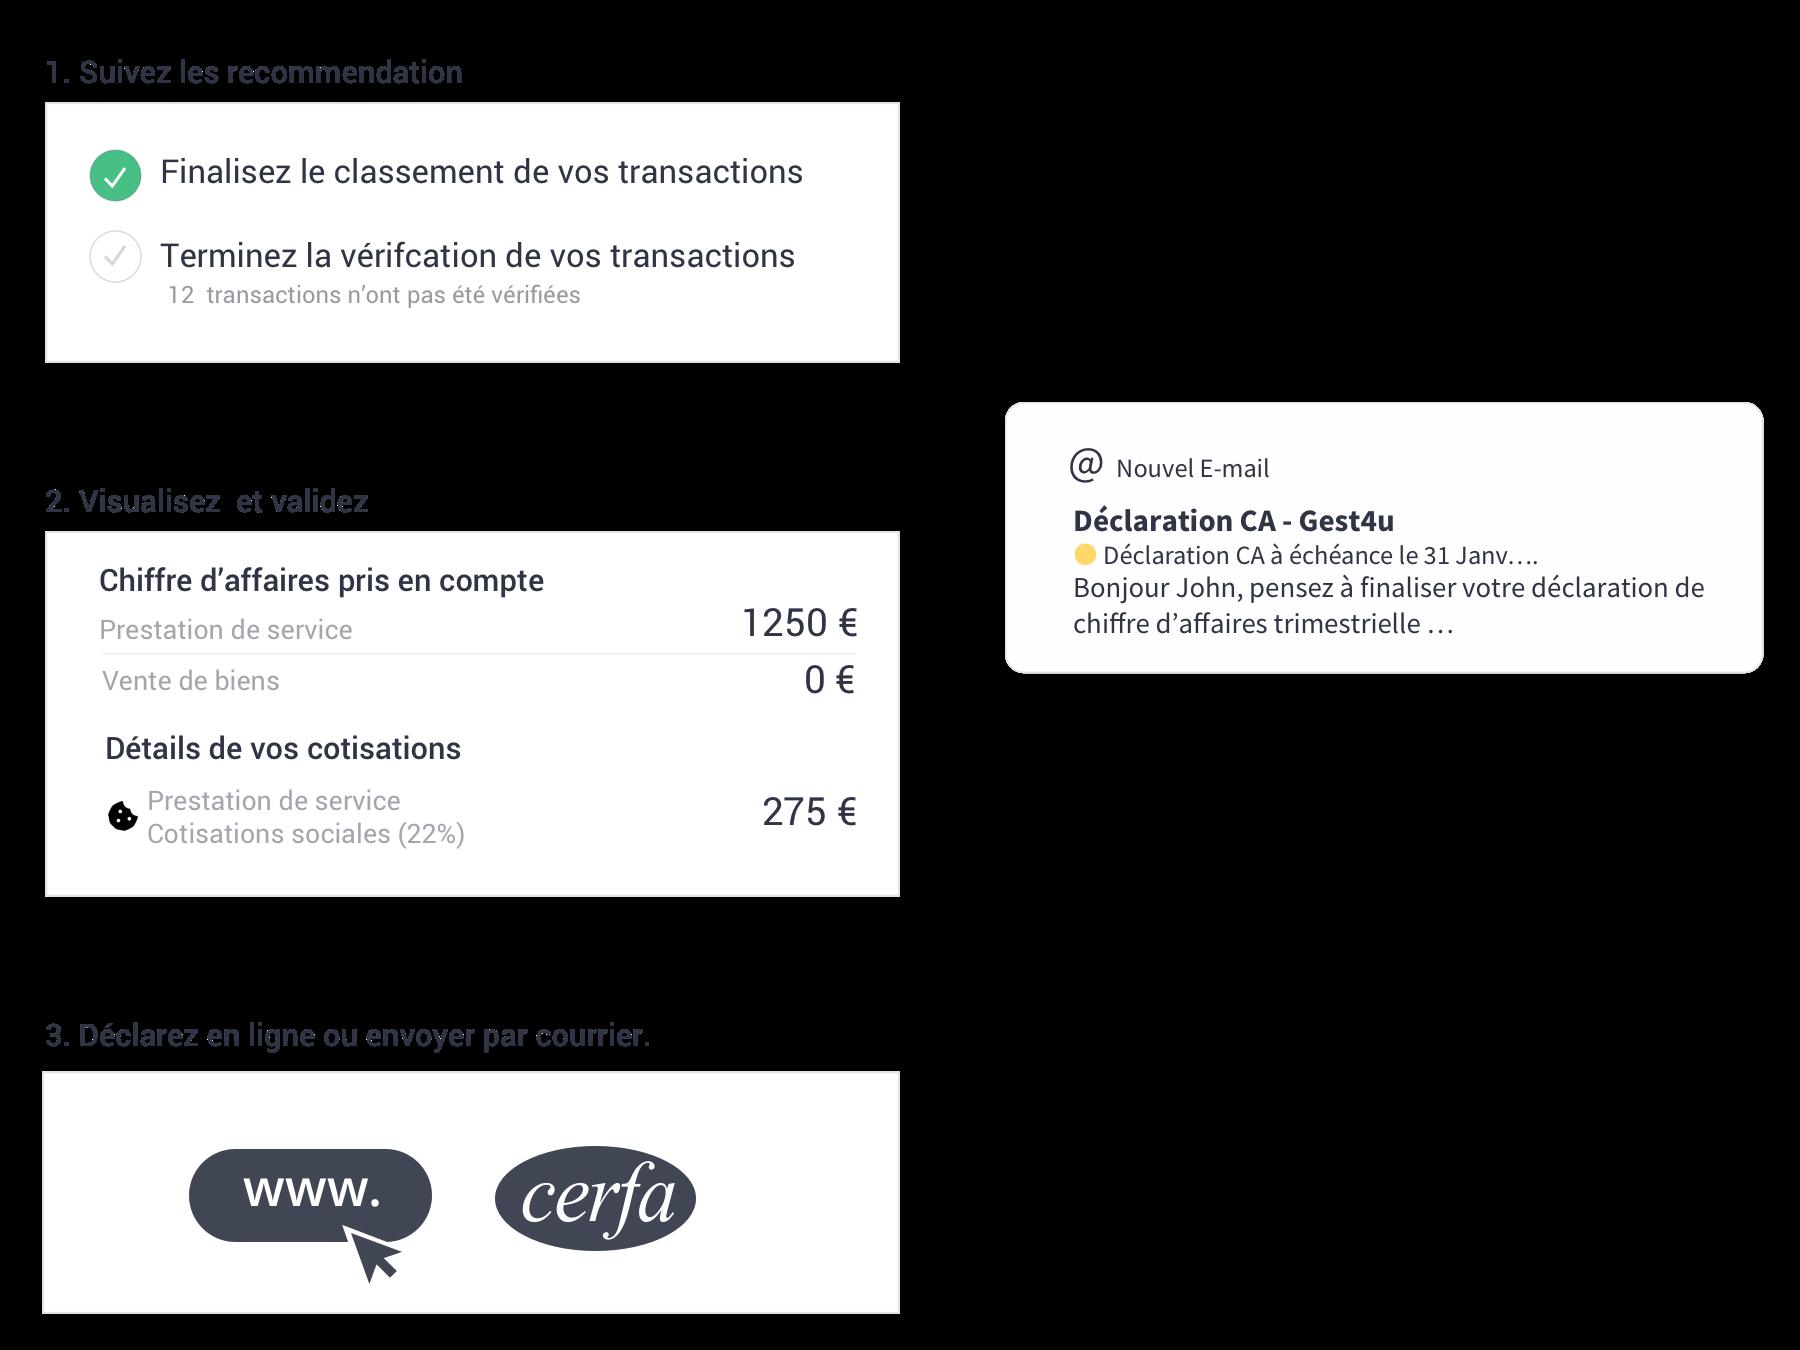 Fonctionnalité de Gest4u,logiciel en ligne de gestion comptable et commerciale pour indépandants et proféssions libérales -  calcul des déclarations fiscales et sociales